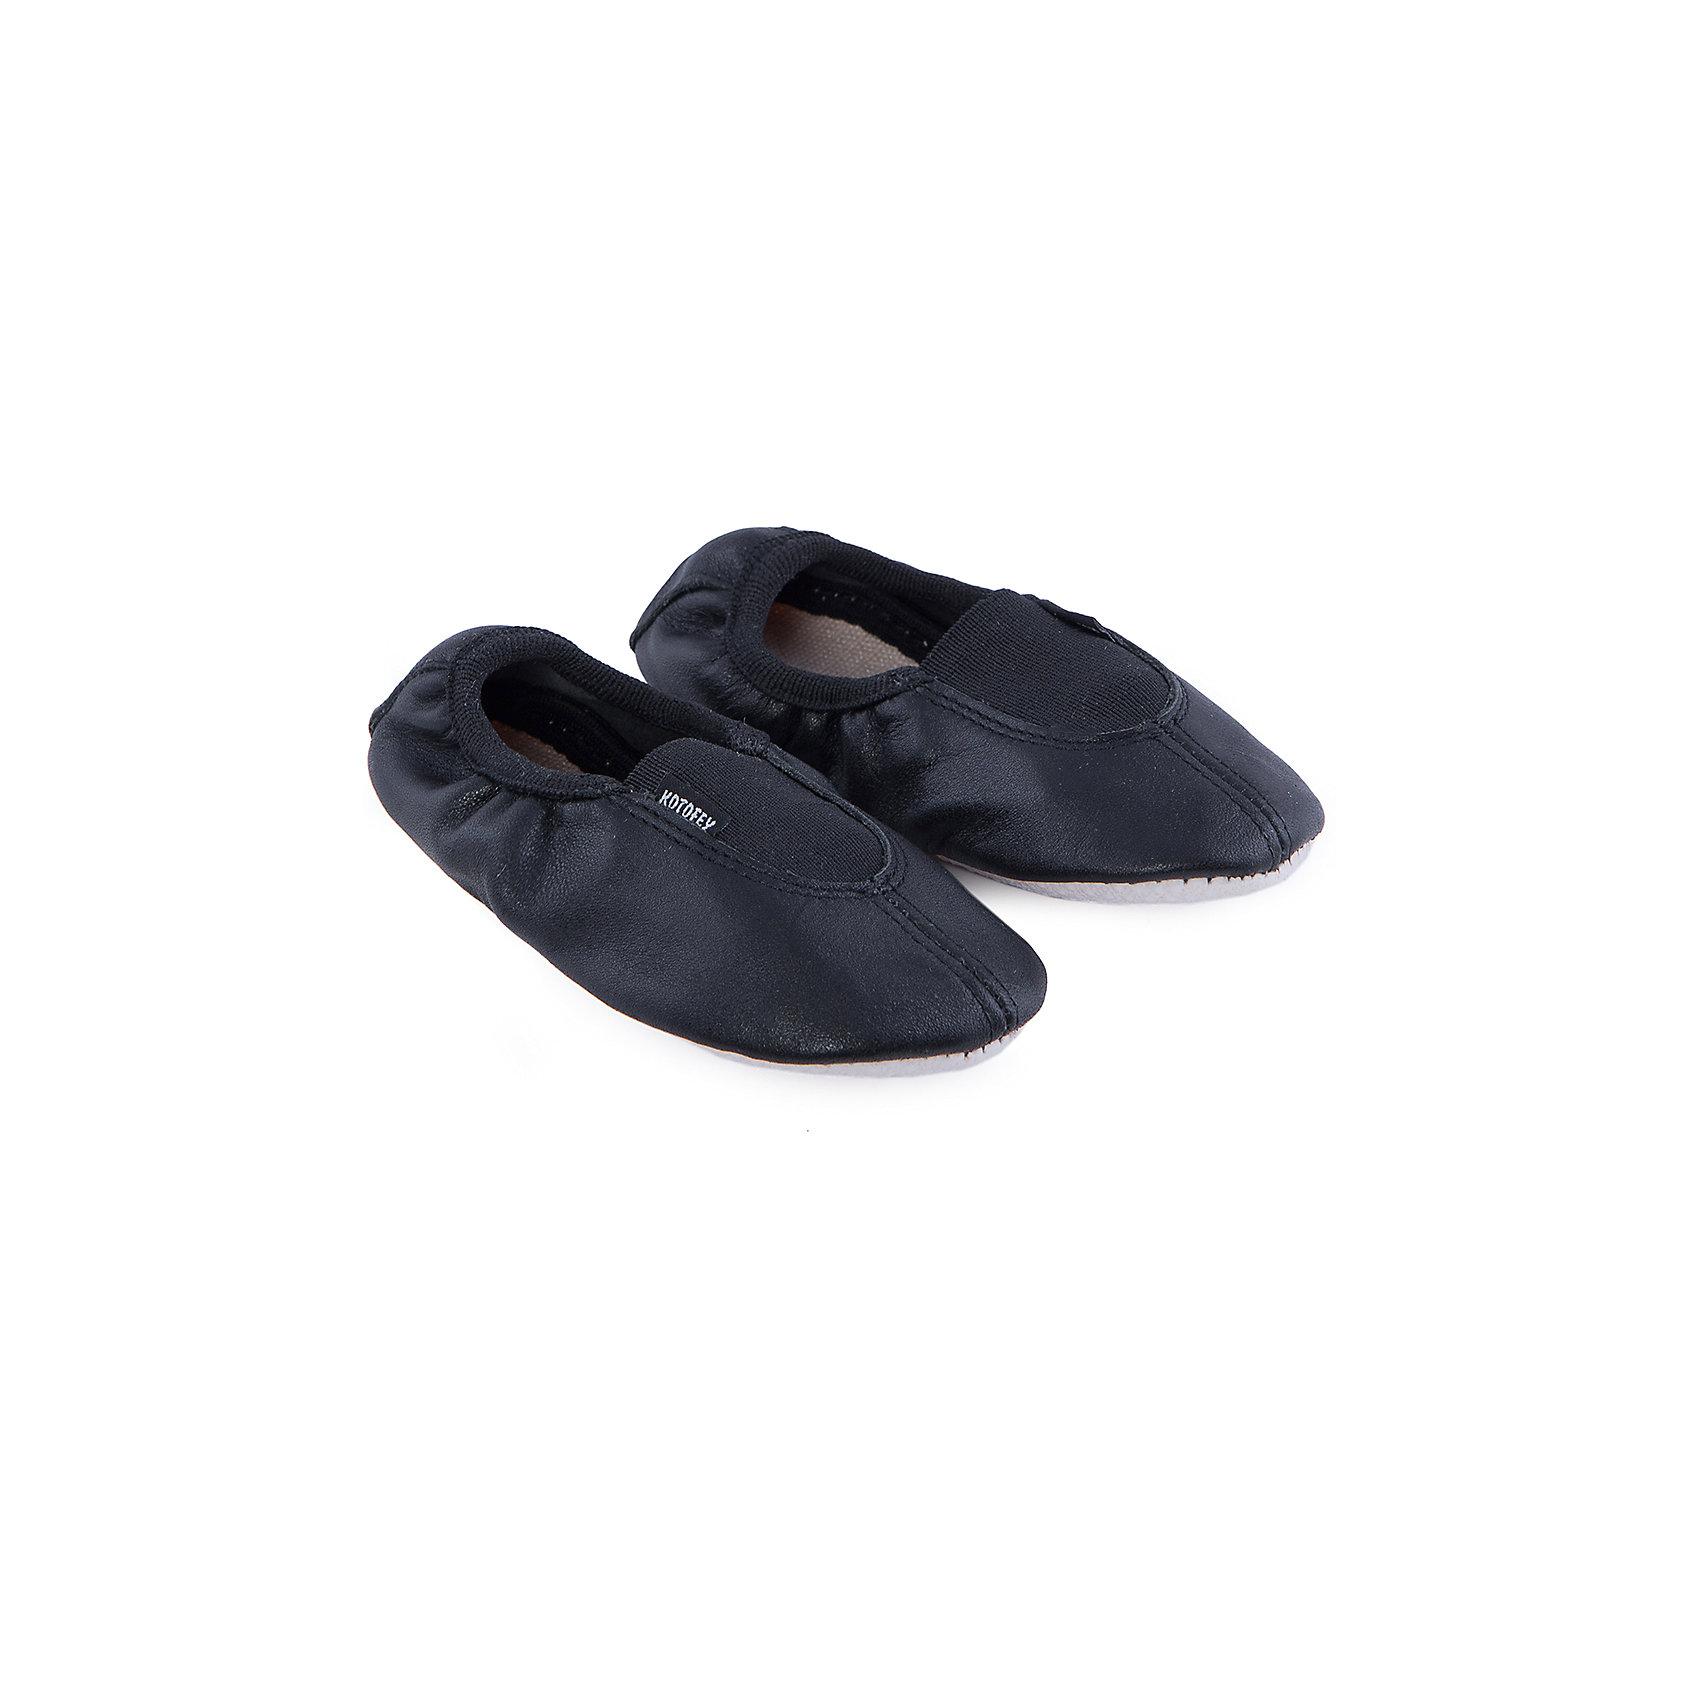 Чешки КотофейСпортивная обувь<br>Чешки от известного российского бренда Котофей выполнены из натуральной кожи, отлично сидят на ноге, не сковывают движения, имеют рифленую антискользящую подошву. Модель дополнена эластичными вставками для более плотного прилегания.<br><br>Дополнительная информация:<br><br>- Эластичные вставки.<br>- Рифленая подошва.<br>Параметры для размера 23<br>- Длина стопы: 14,5 см.<br>Состав: <br>натуральная кожа.<br><br>Чешки Котофей можно купить в нашем магазине.<br><br>Ширина мм: 227<br>Глубина мм: 145<br>Высота мм: 124<br>Вес г: 325<br>Цвет: черный<br>Возраст от месяцев: 24<br>Возраст до месяцев: 36<br>Пол: Унисекс<br>Возраст: Детский<br>Размер: 26,25,23,24<br>SKU: 4248397